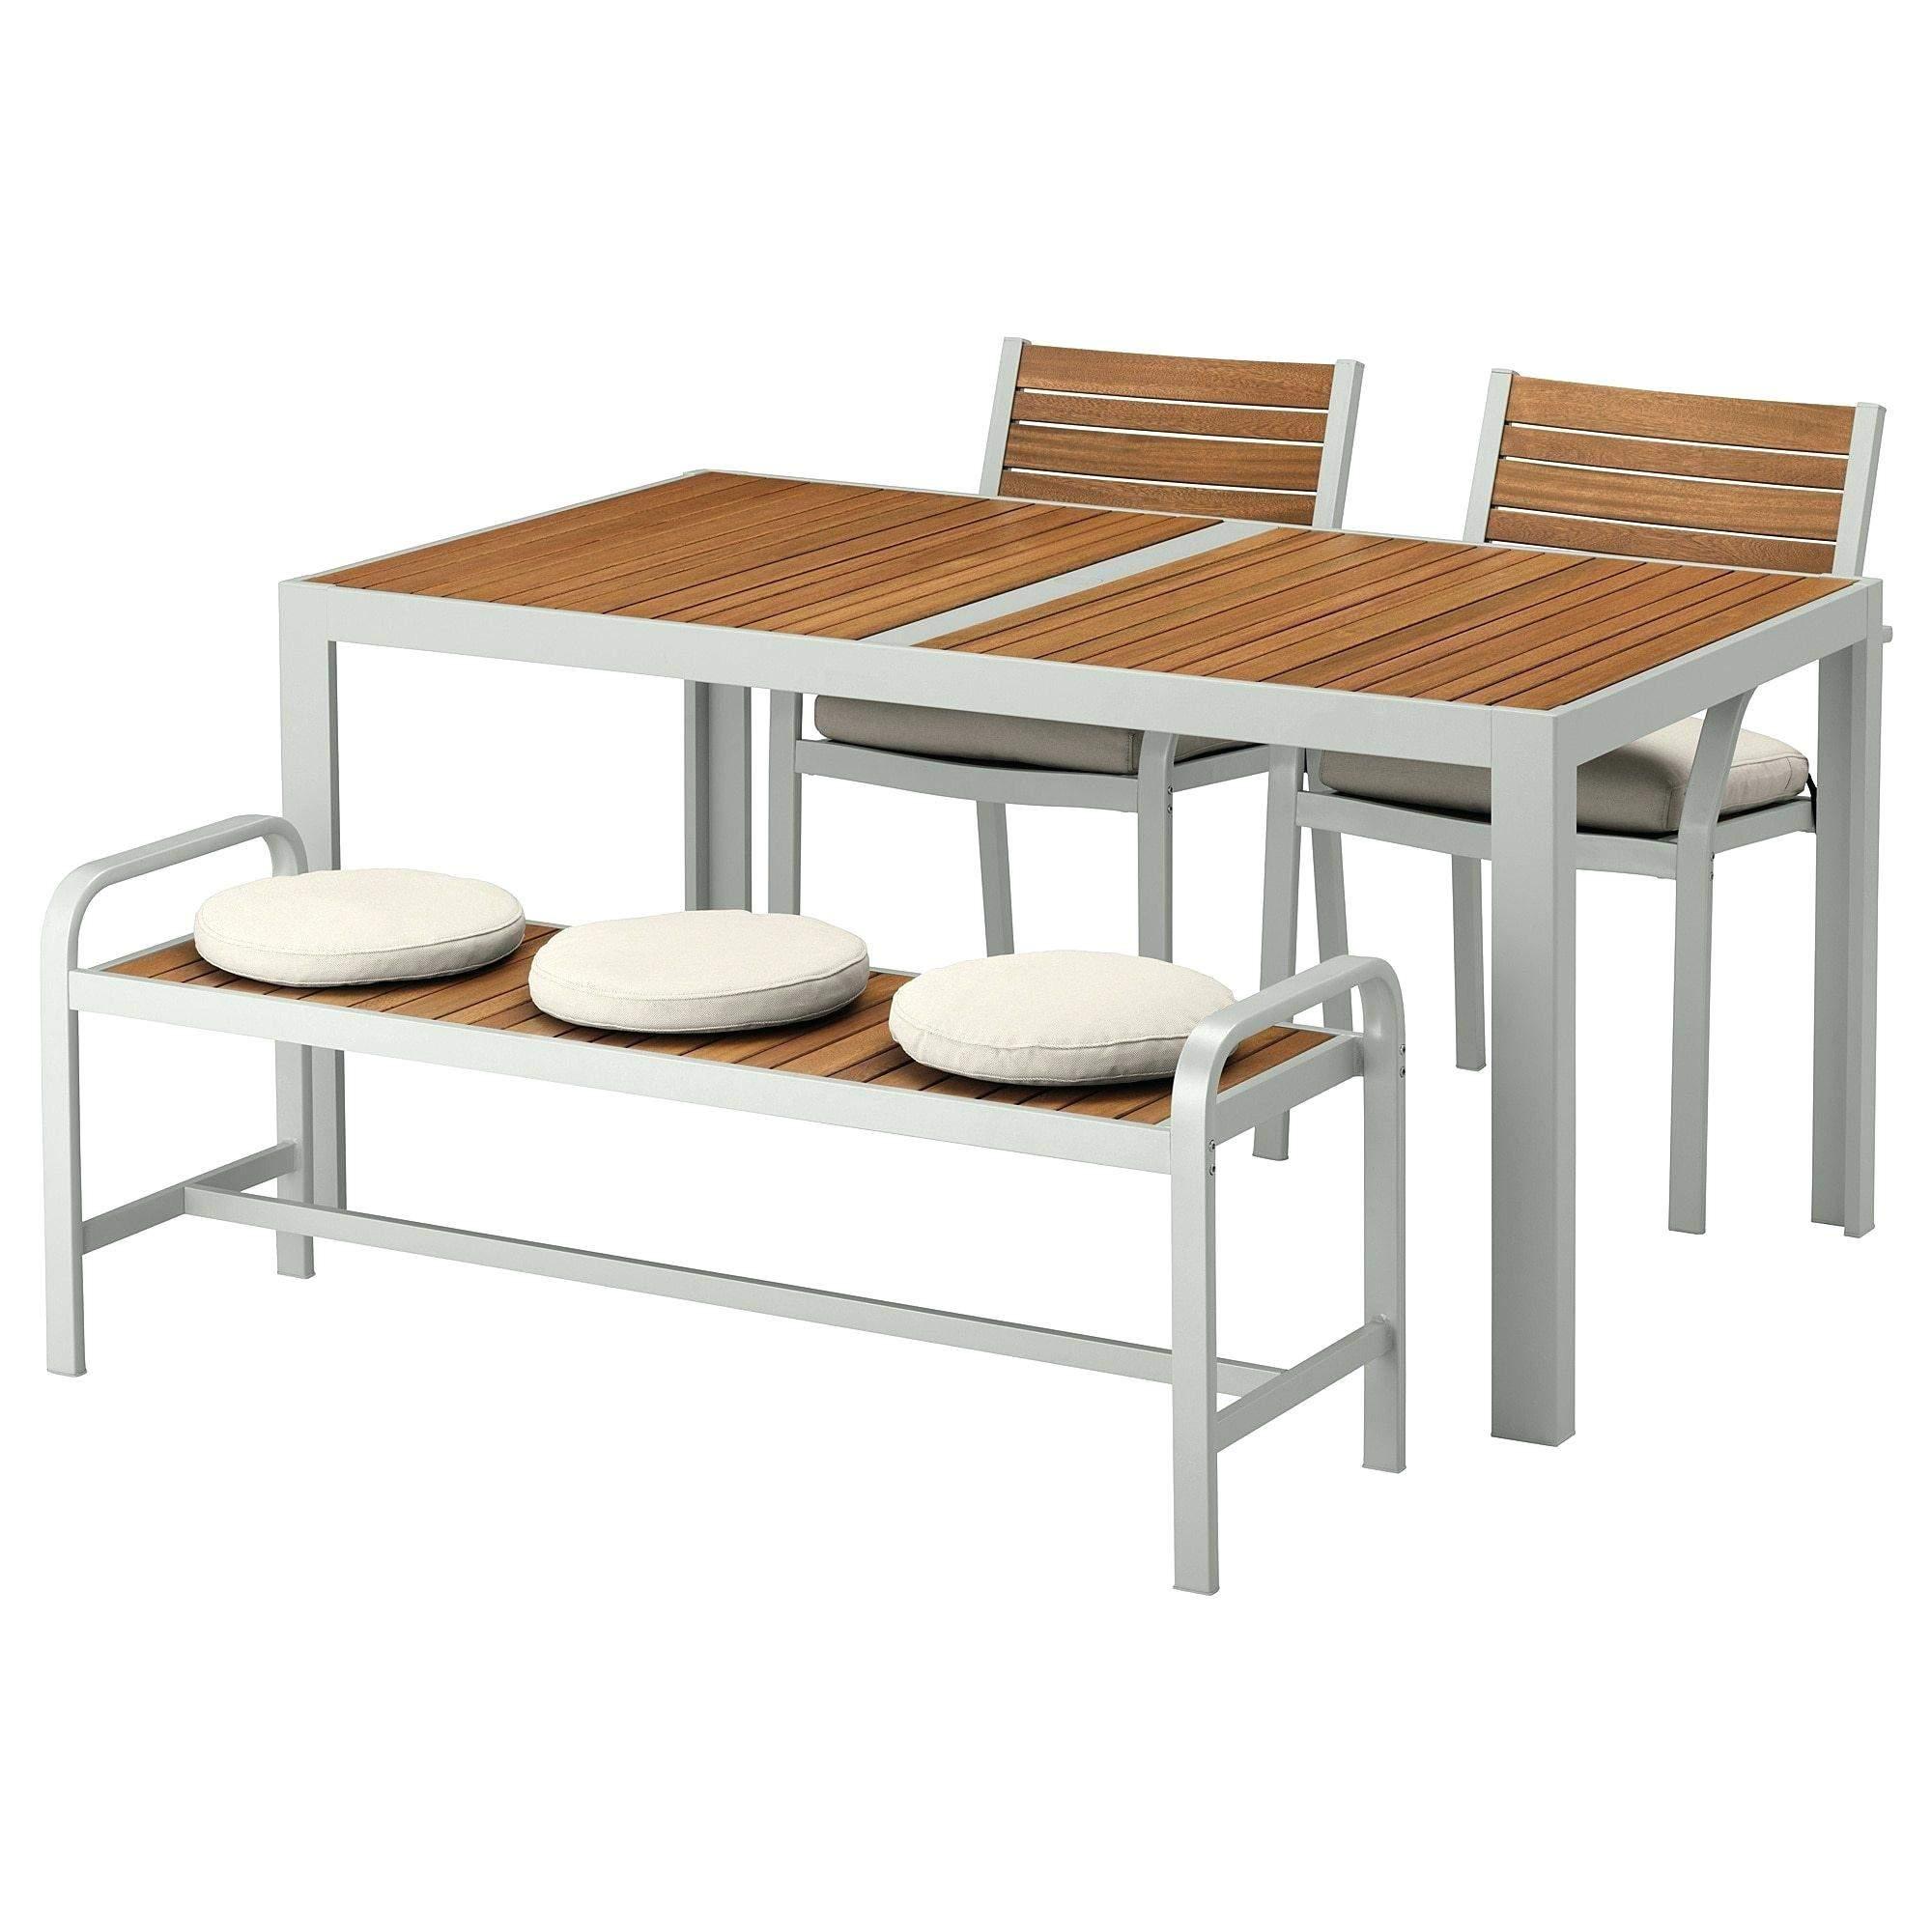 Ikea Bank Garten Einzigartig Esstisch Mit Bank Und Stuhlen Ikea Garten Anlegen